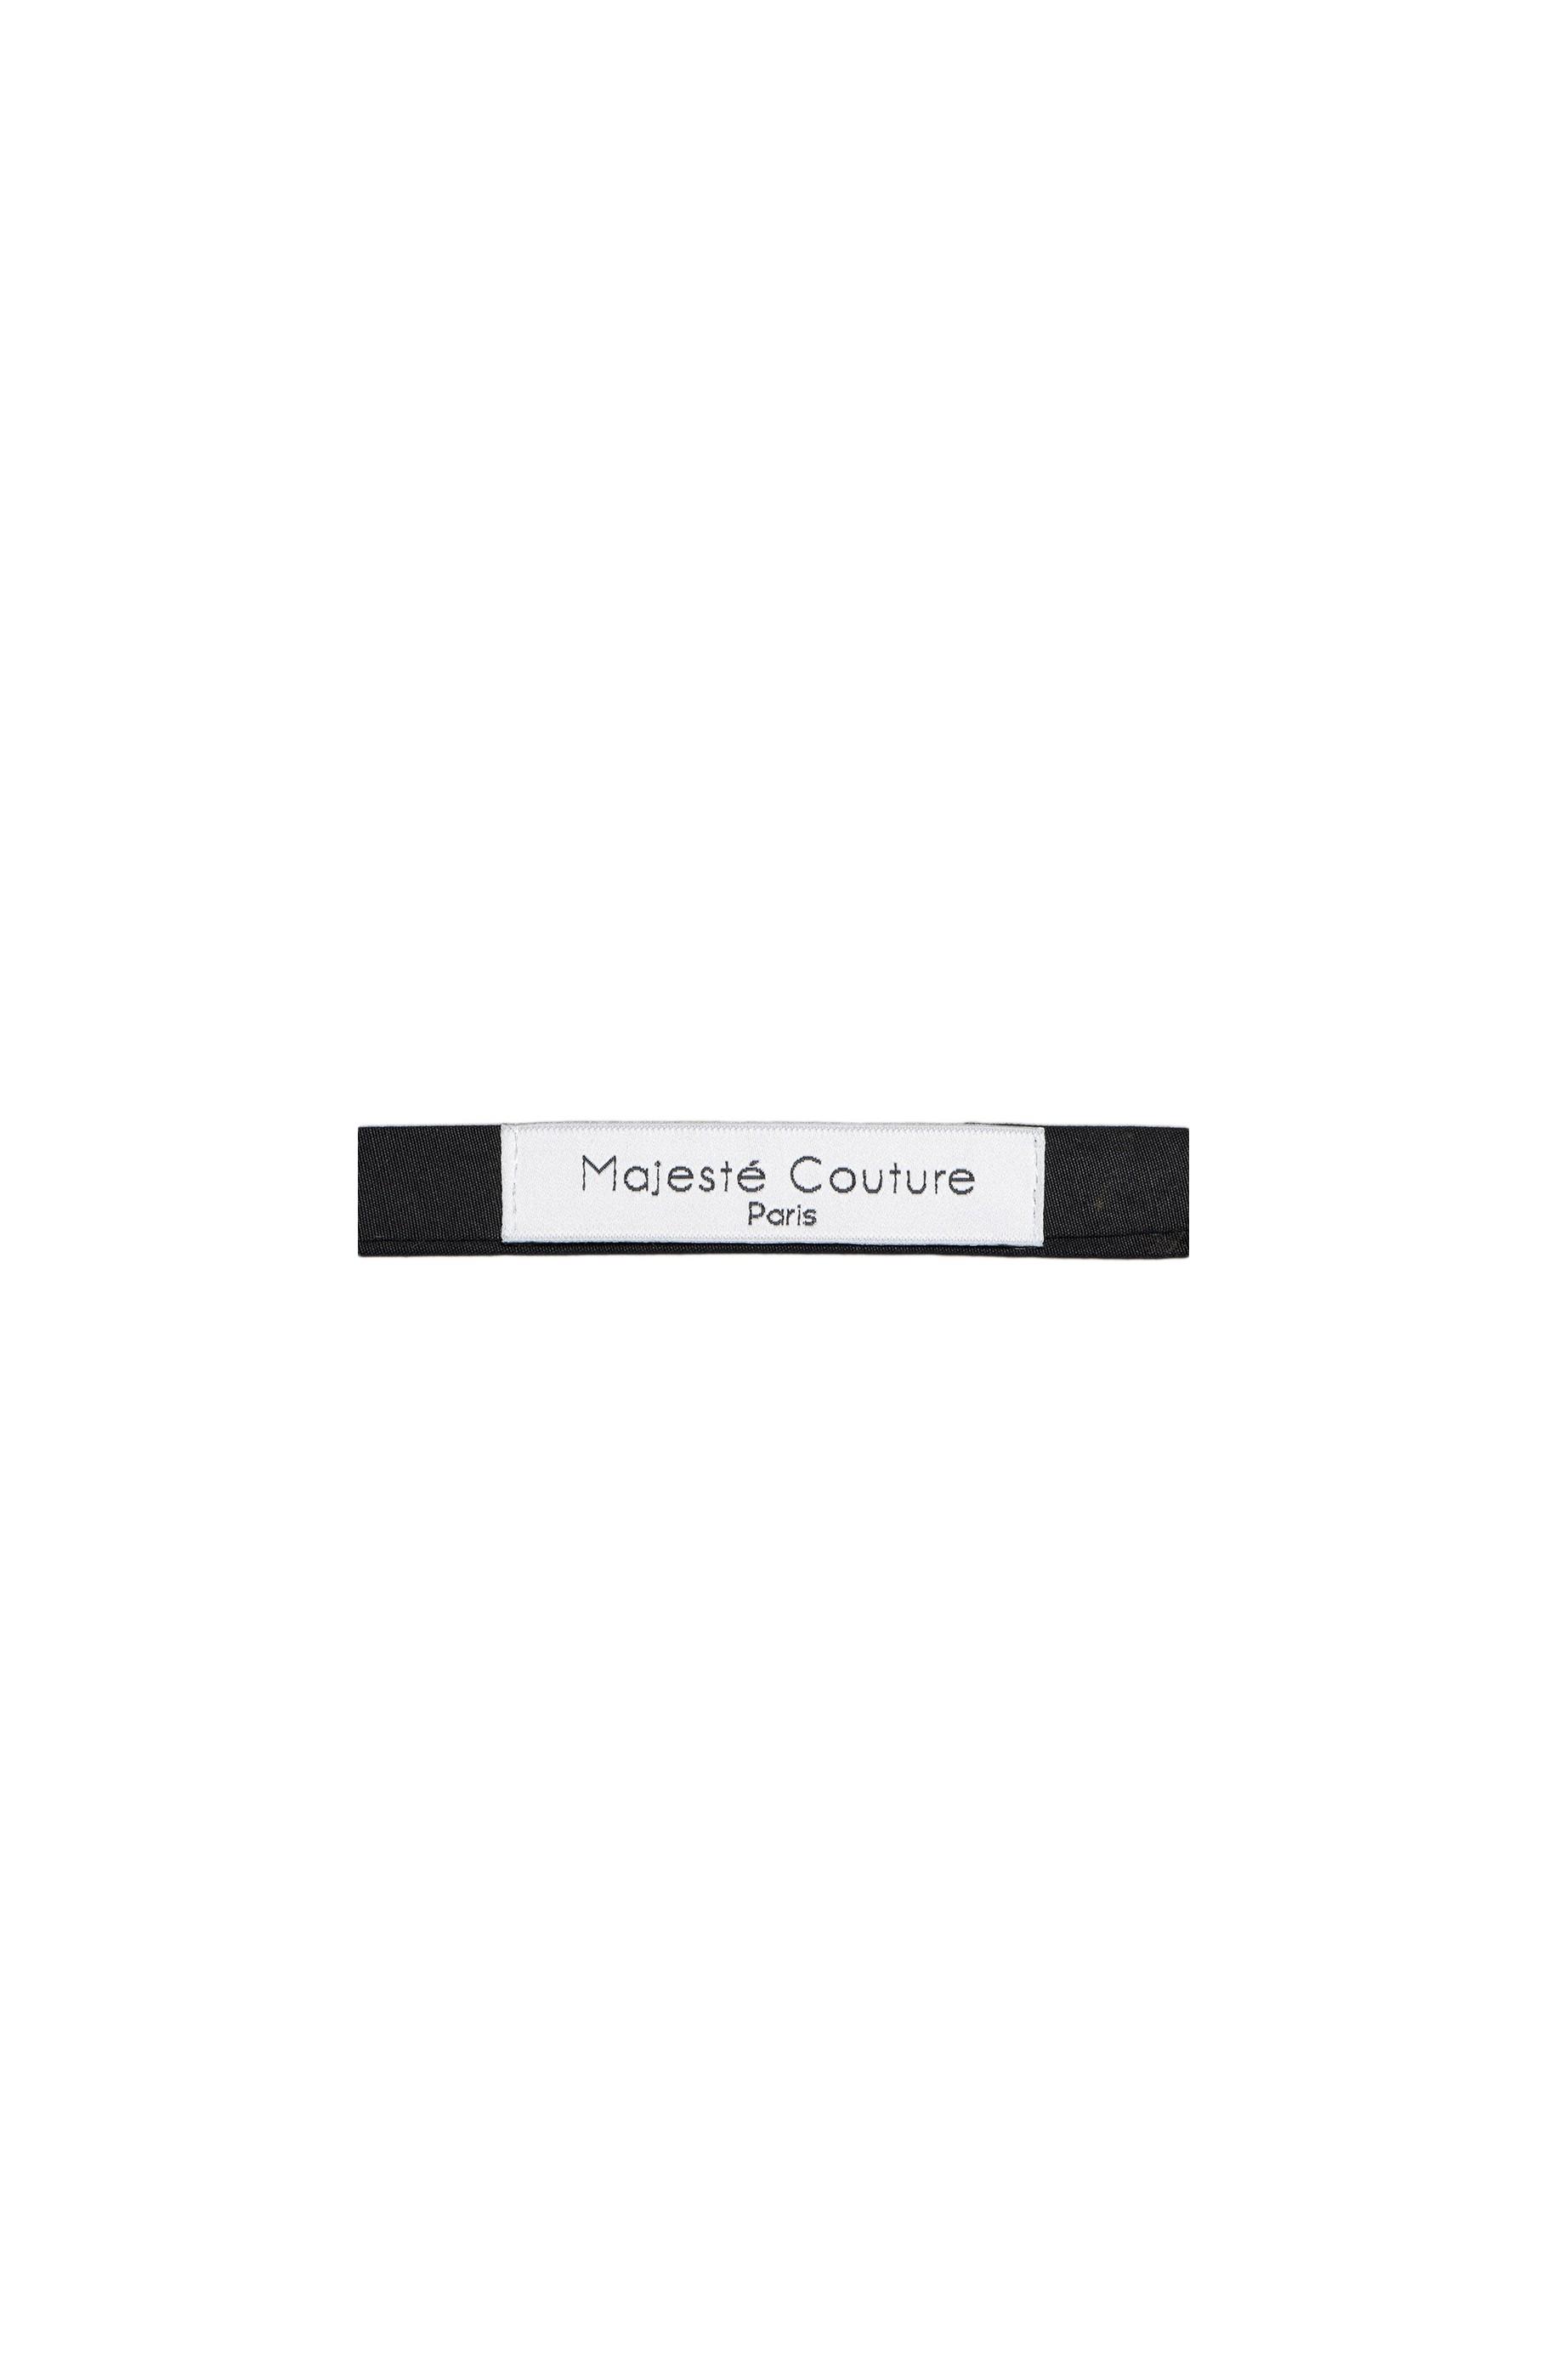 Majesté Couture Paris: Black bow tie | Accessories -  Hiphunters Shop